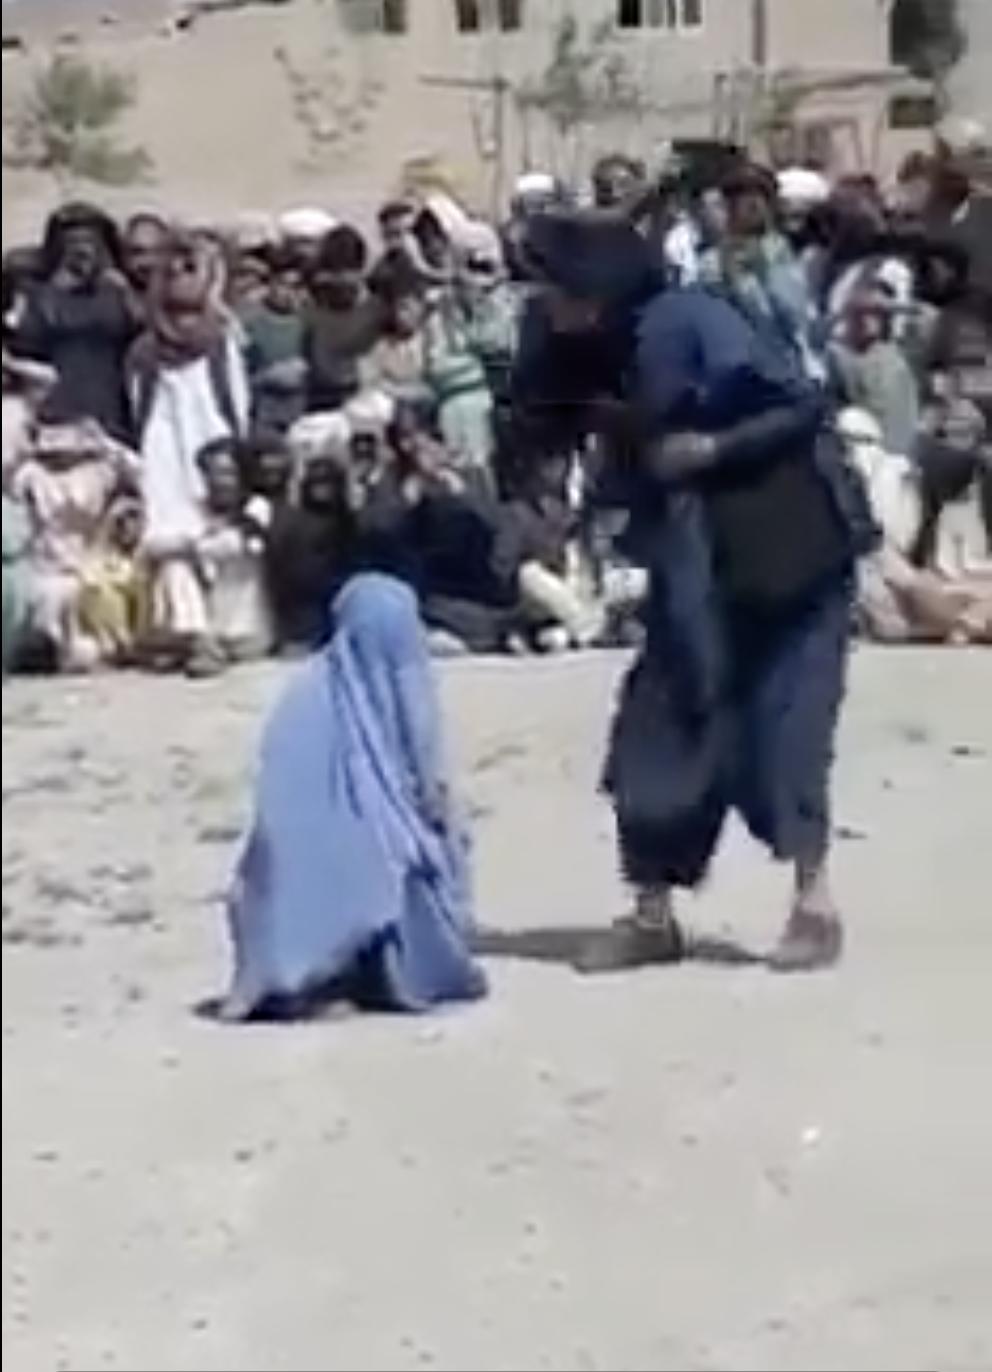 La vidéo de l'insoutenable sentence infligée à une Afghane, tournée près d'Herat et publiée sur Facebook le 13 avril,